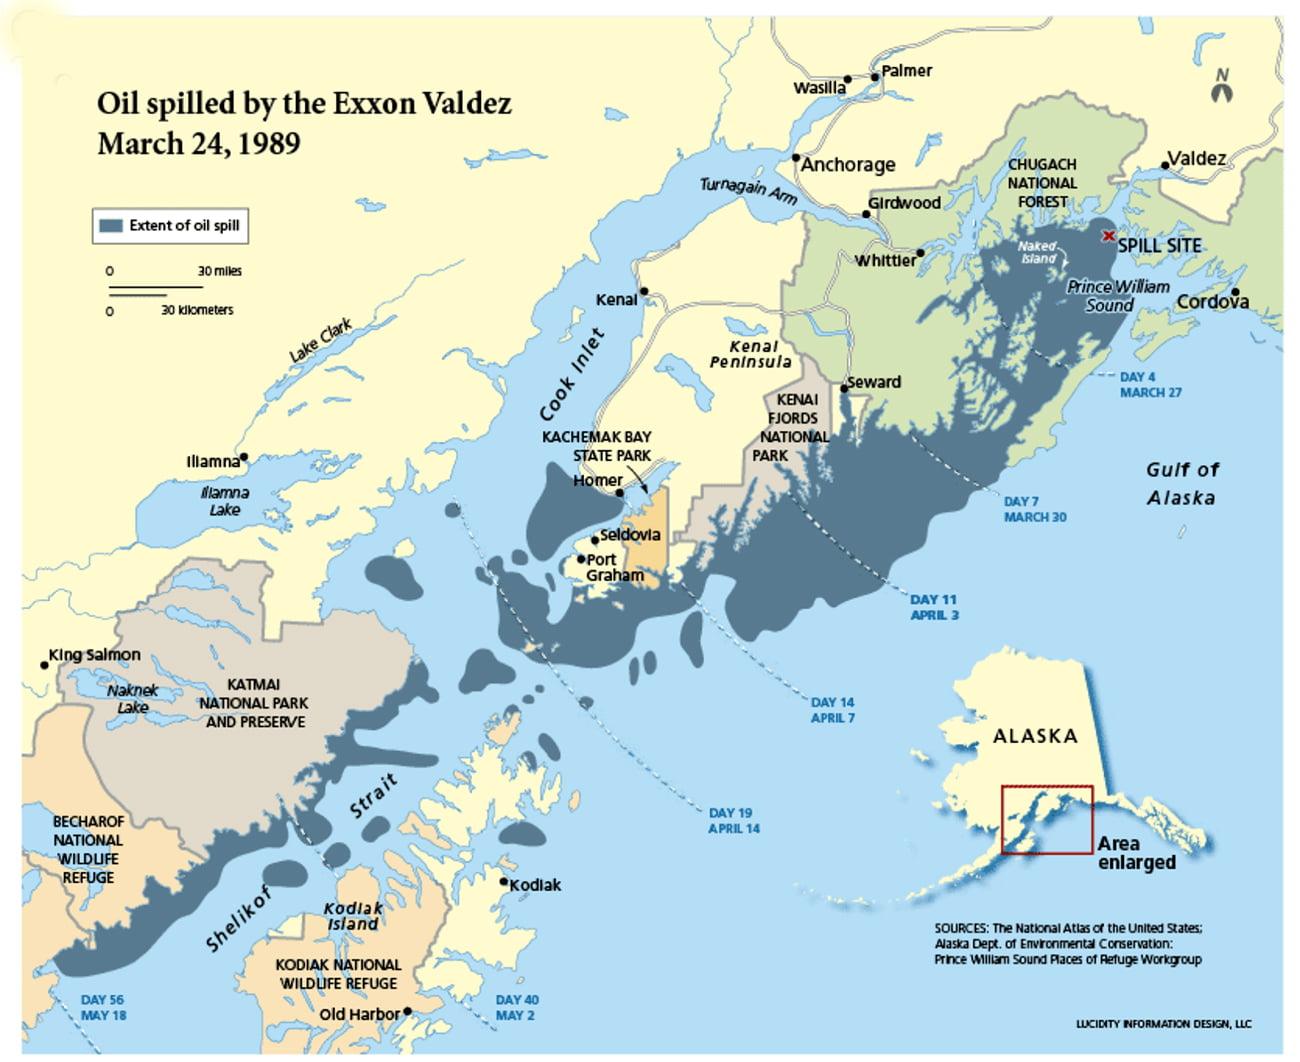 mapa do Alasca com acidente do Exxon Valdez